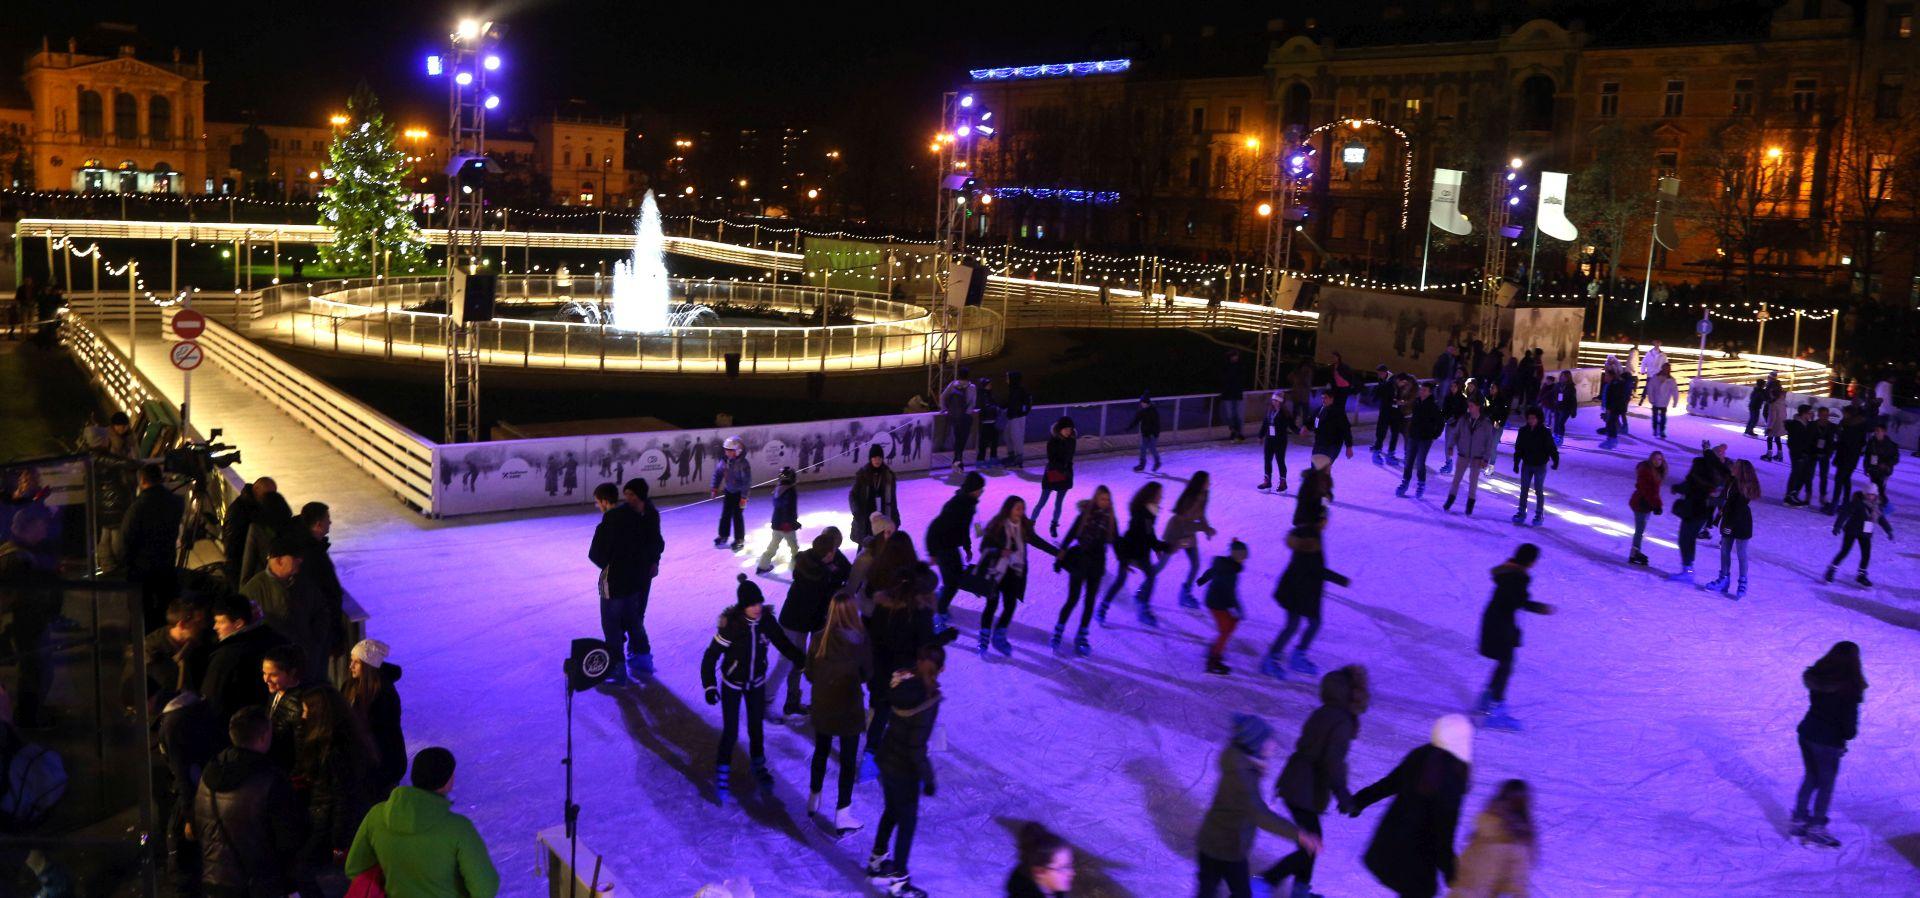 ZAPALJENA PRVA ADVENTSKA SVIJEĆA: Otvoren Ledeni park i Advent na Zrinjevcu